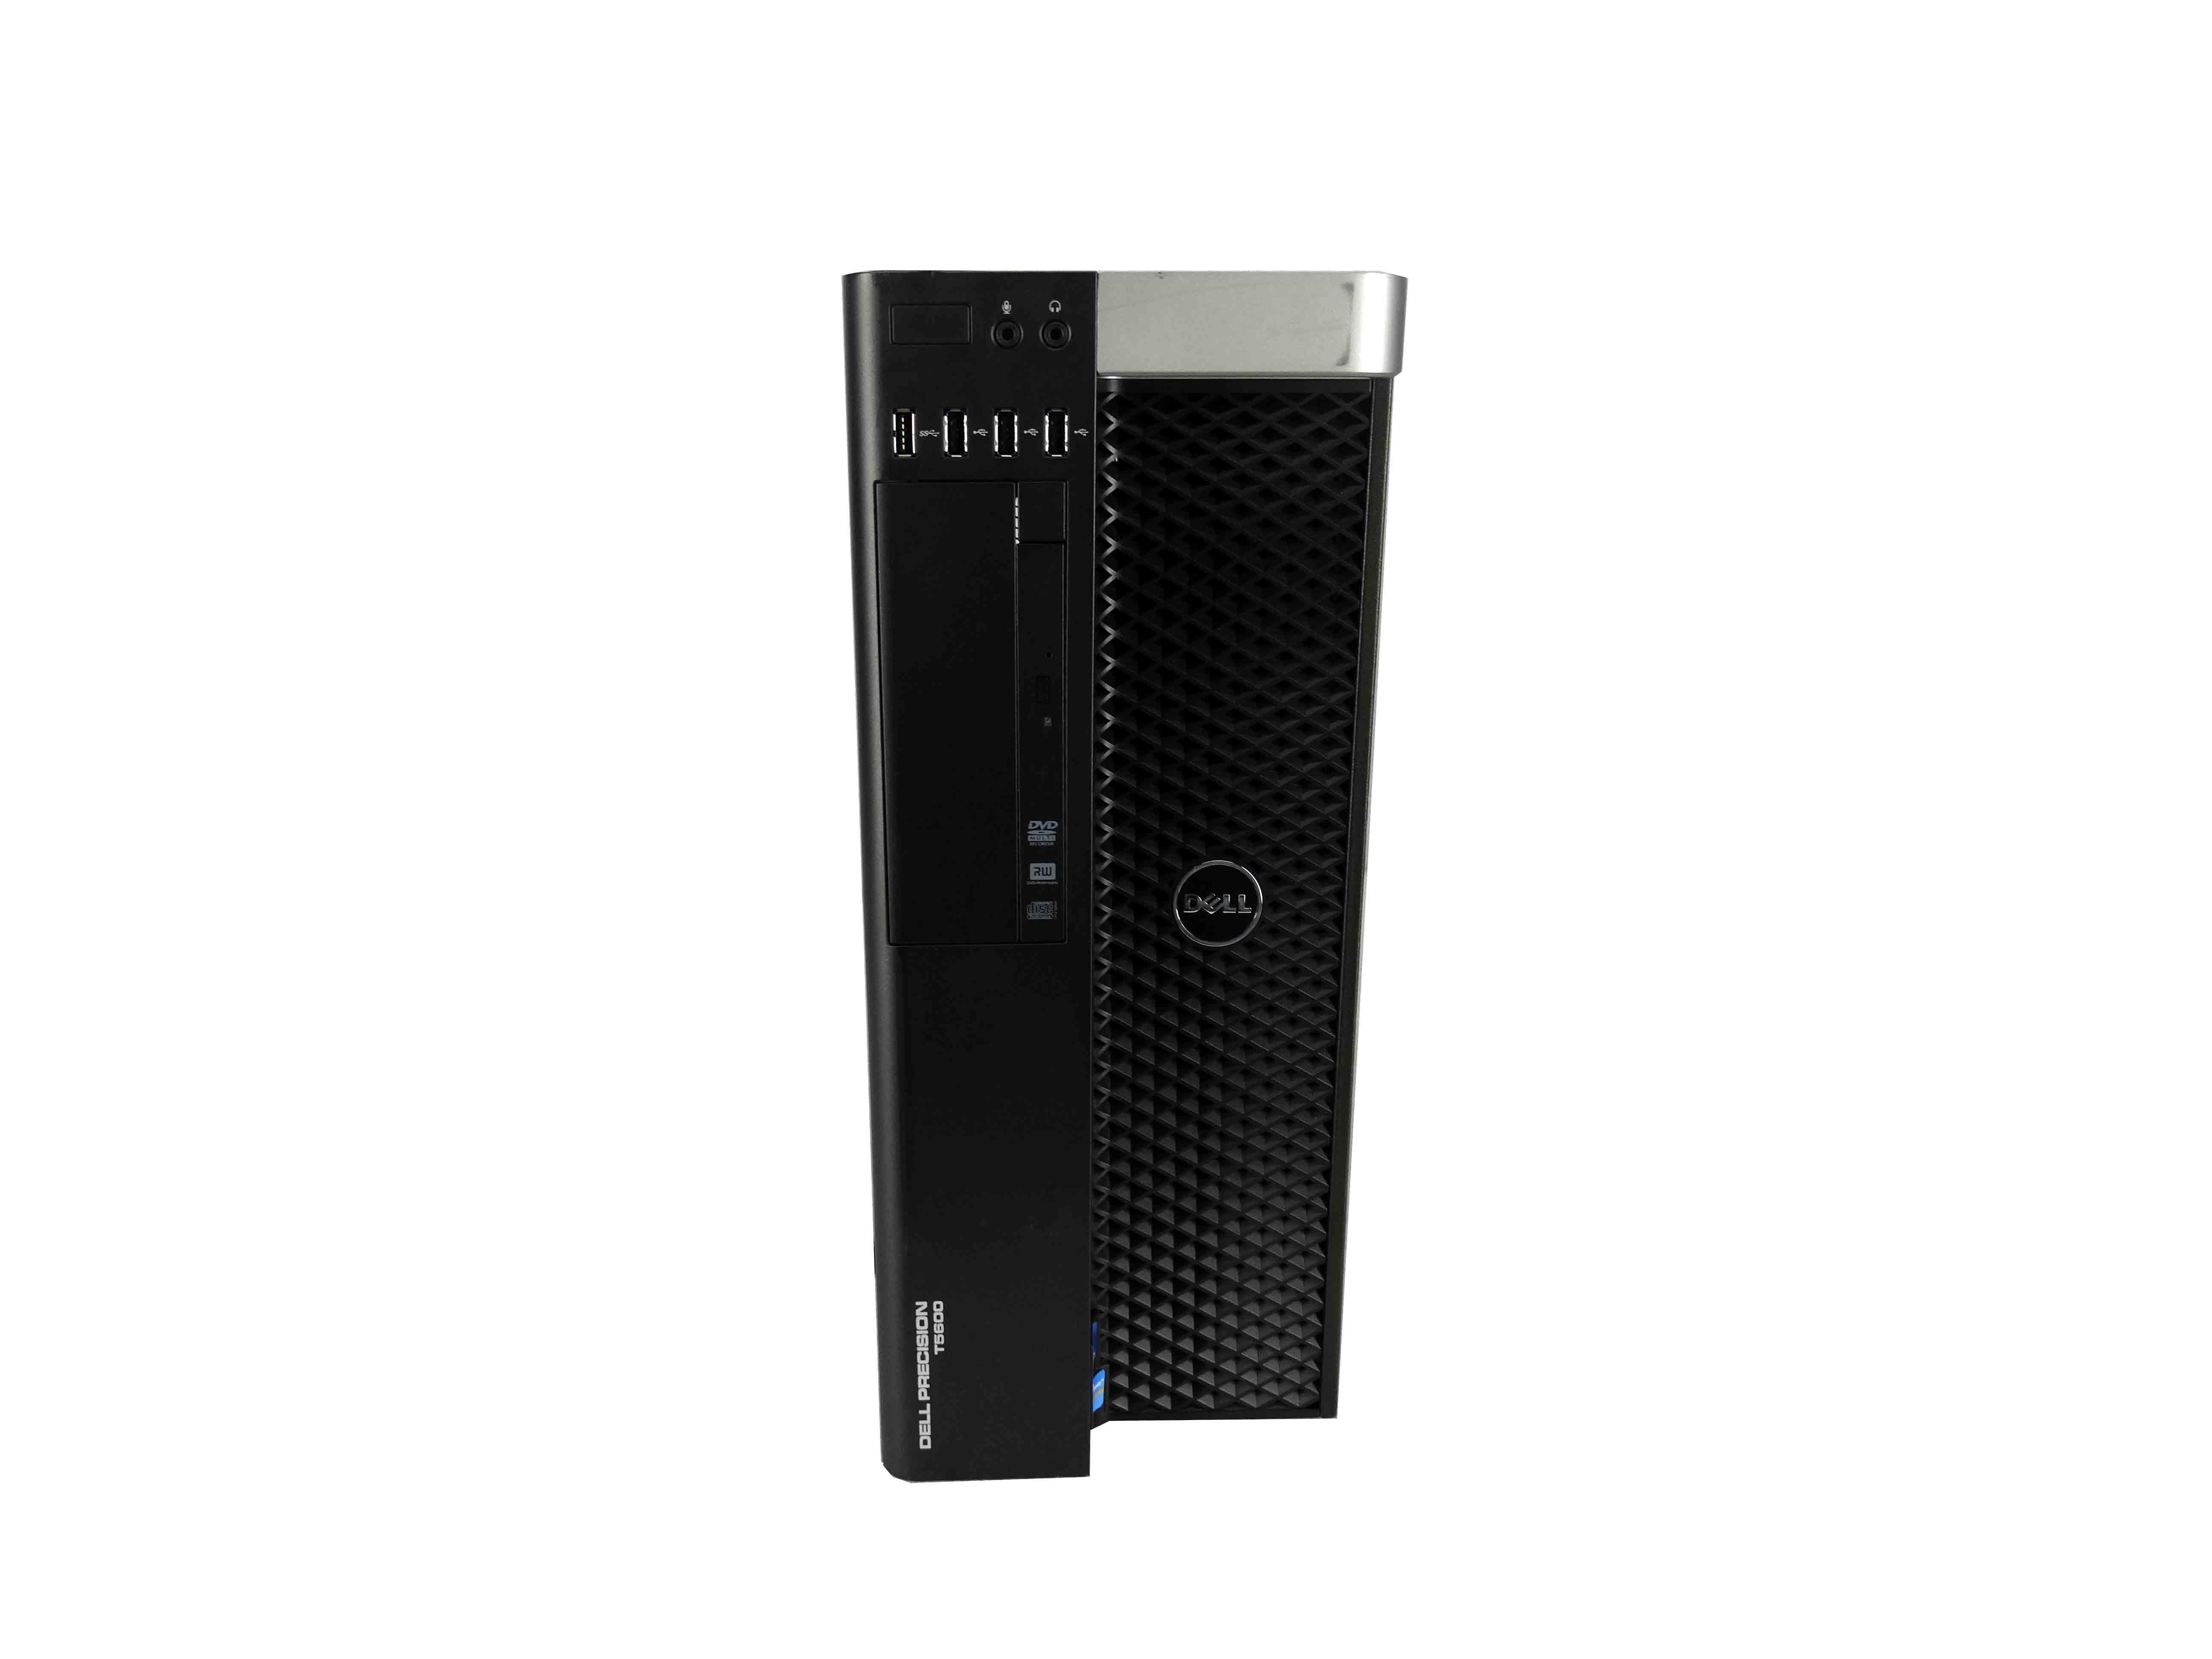 Dell Precision T5600 Workstation